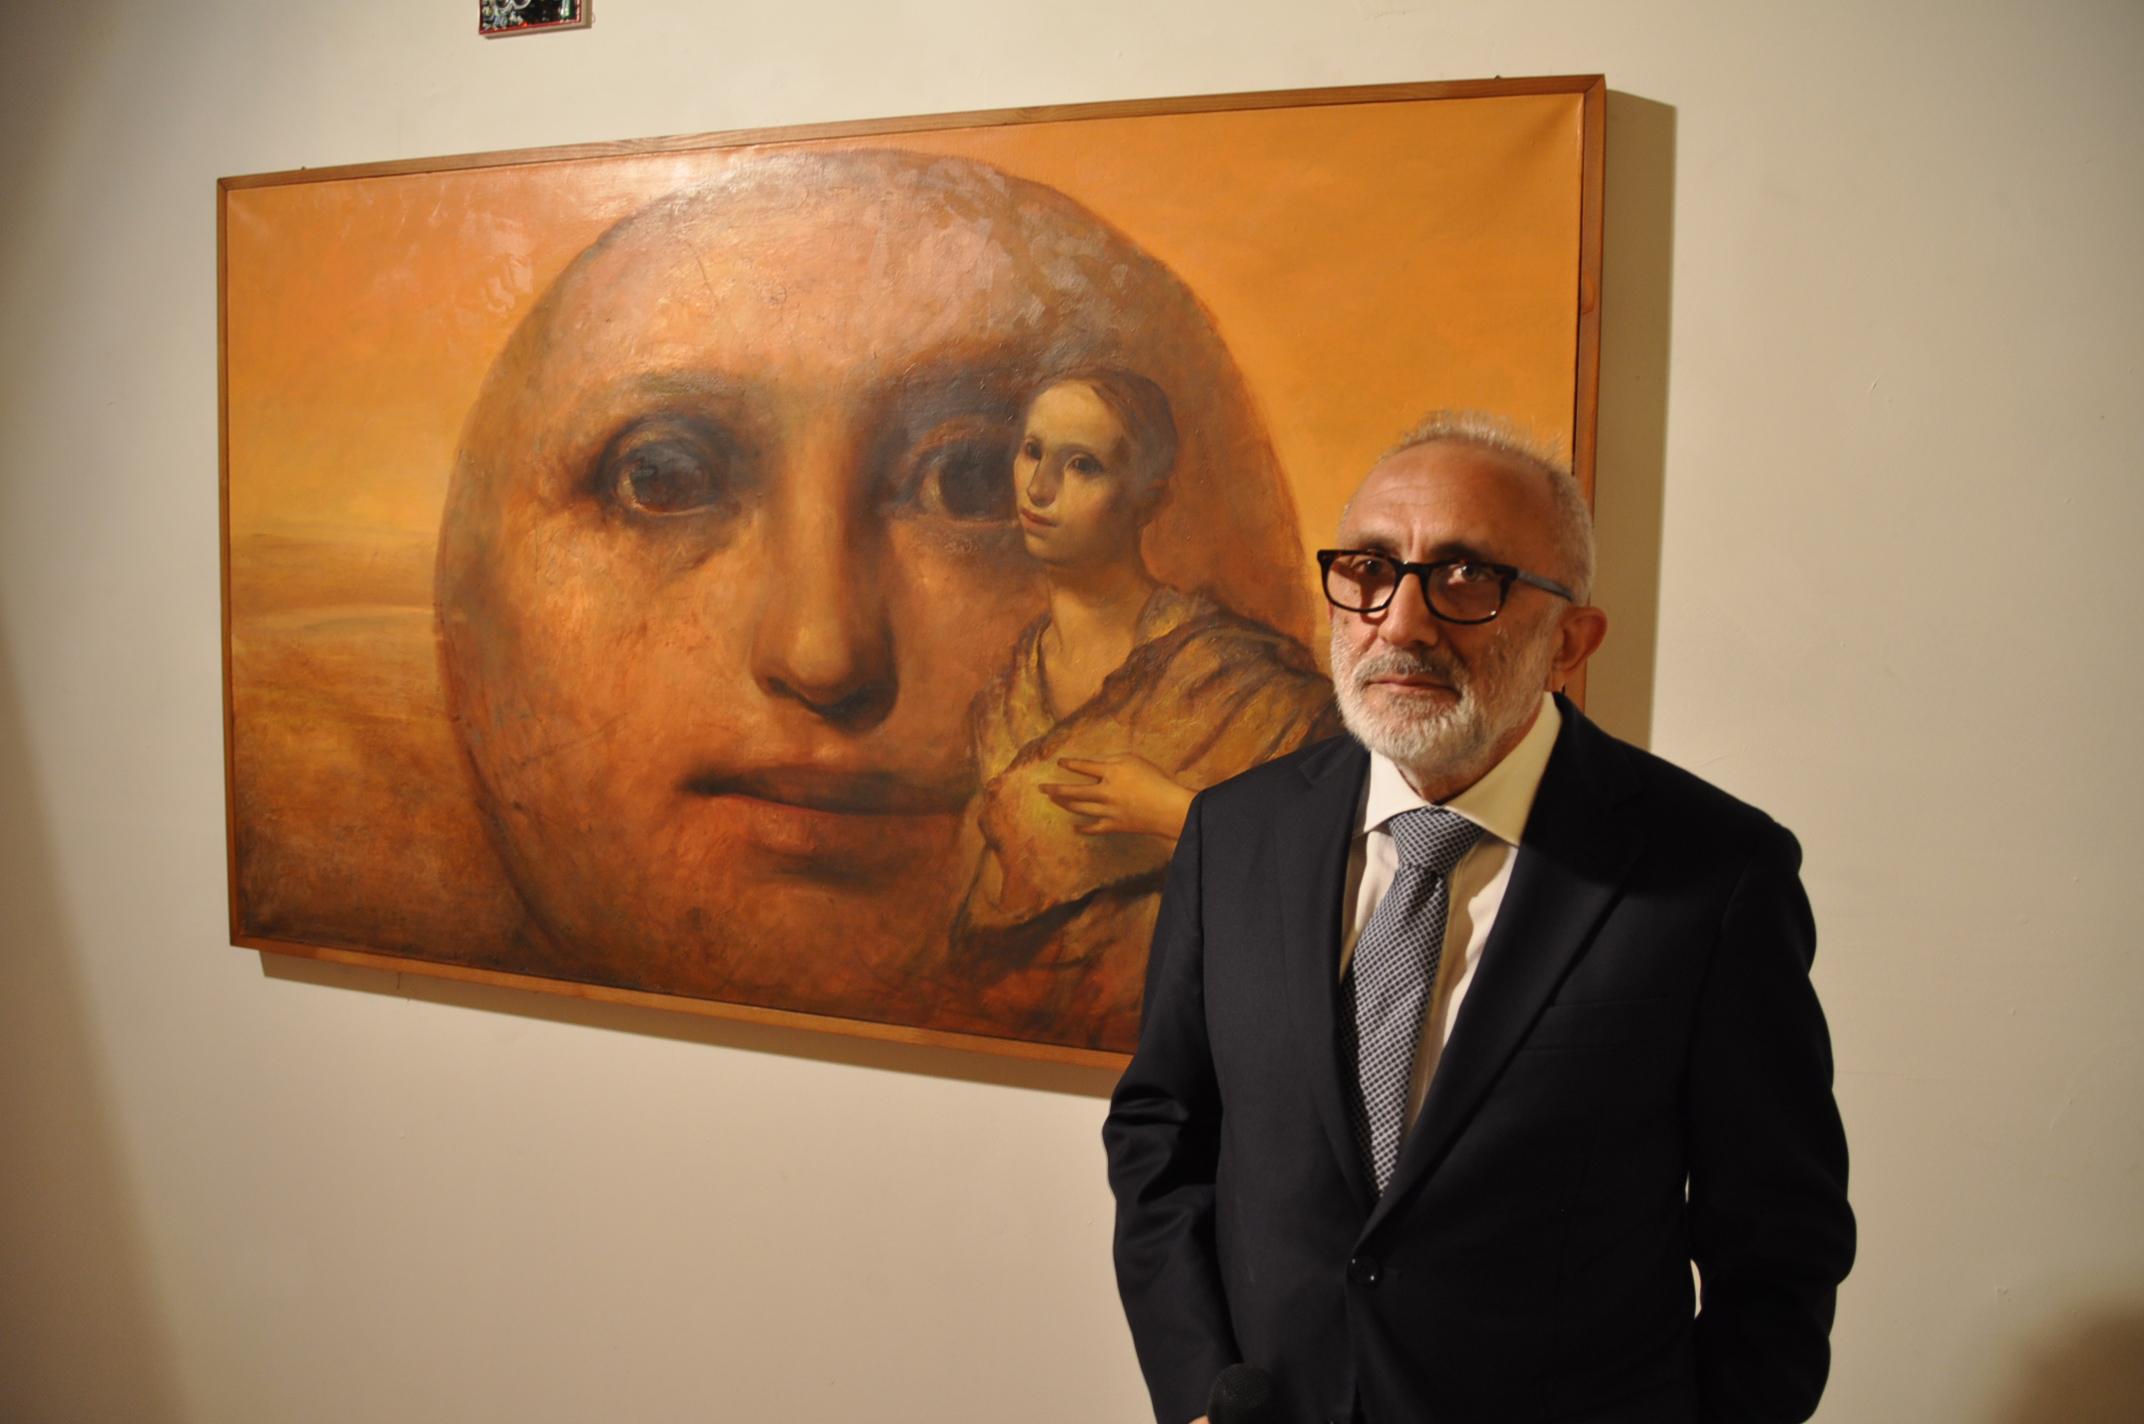 Ricci proroga la mostra-omaggio su Massimo Rao